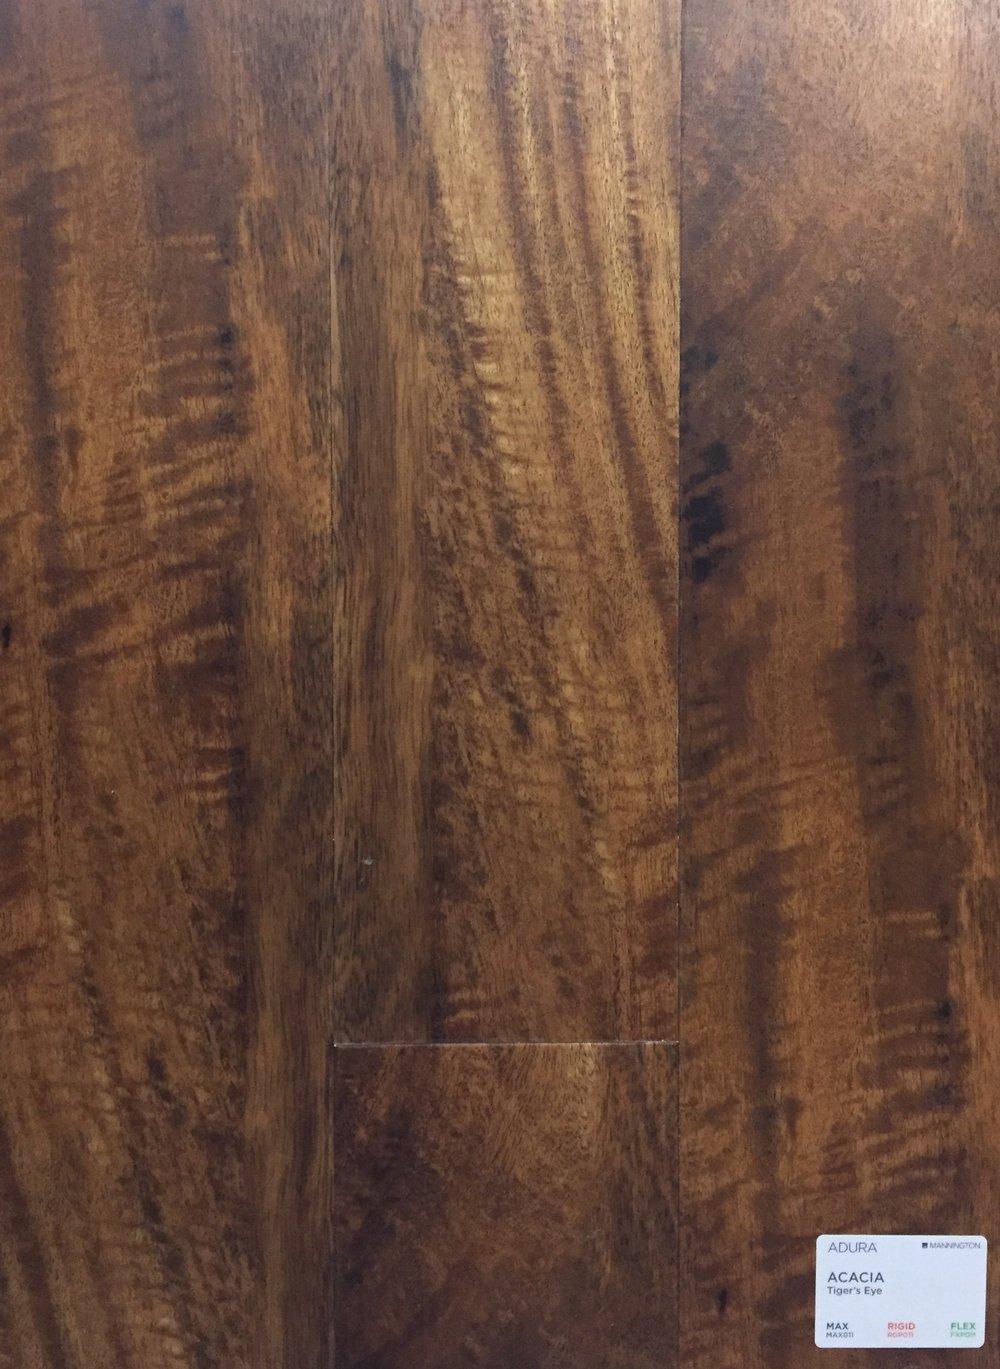 Acacia - Tiger's Eye